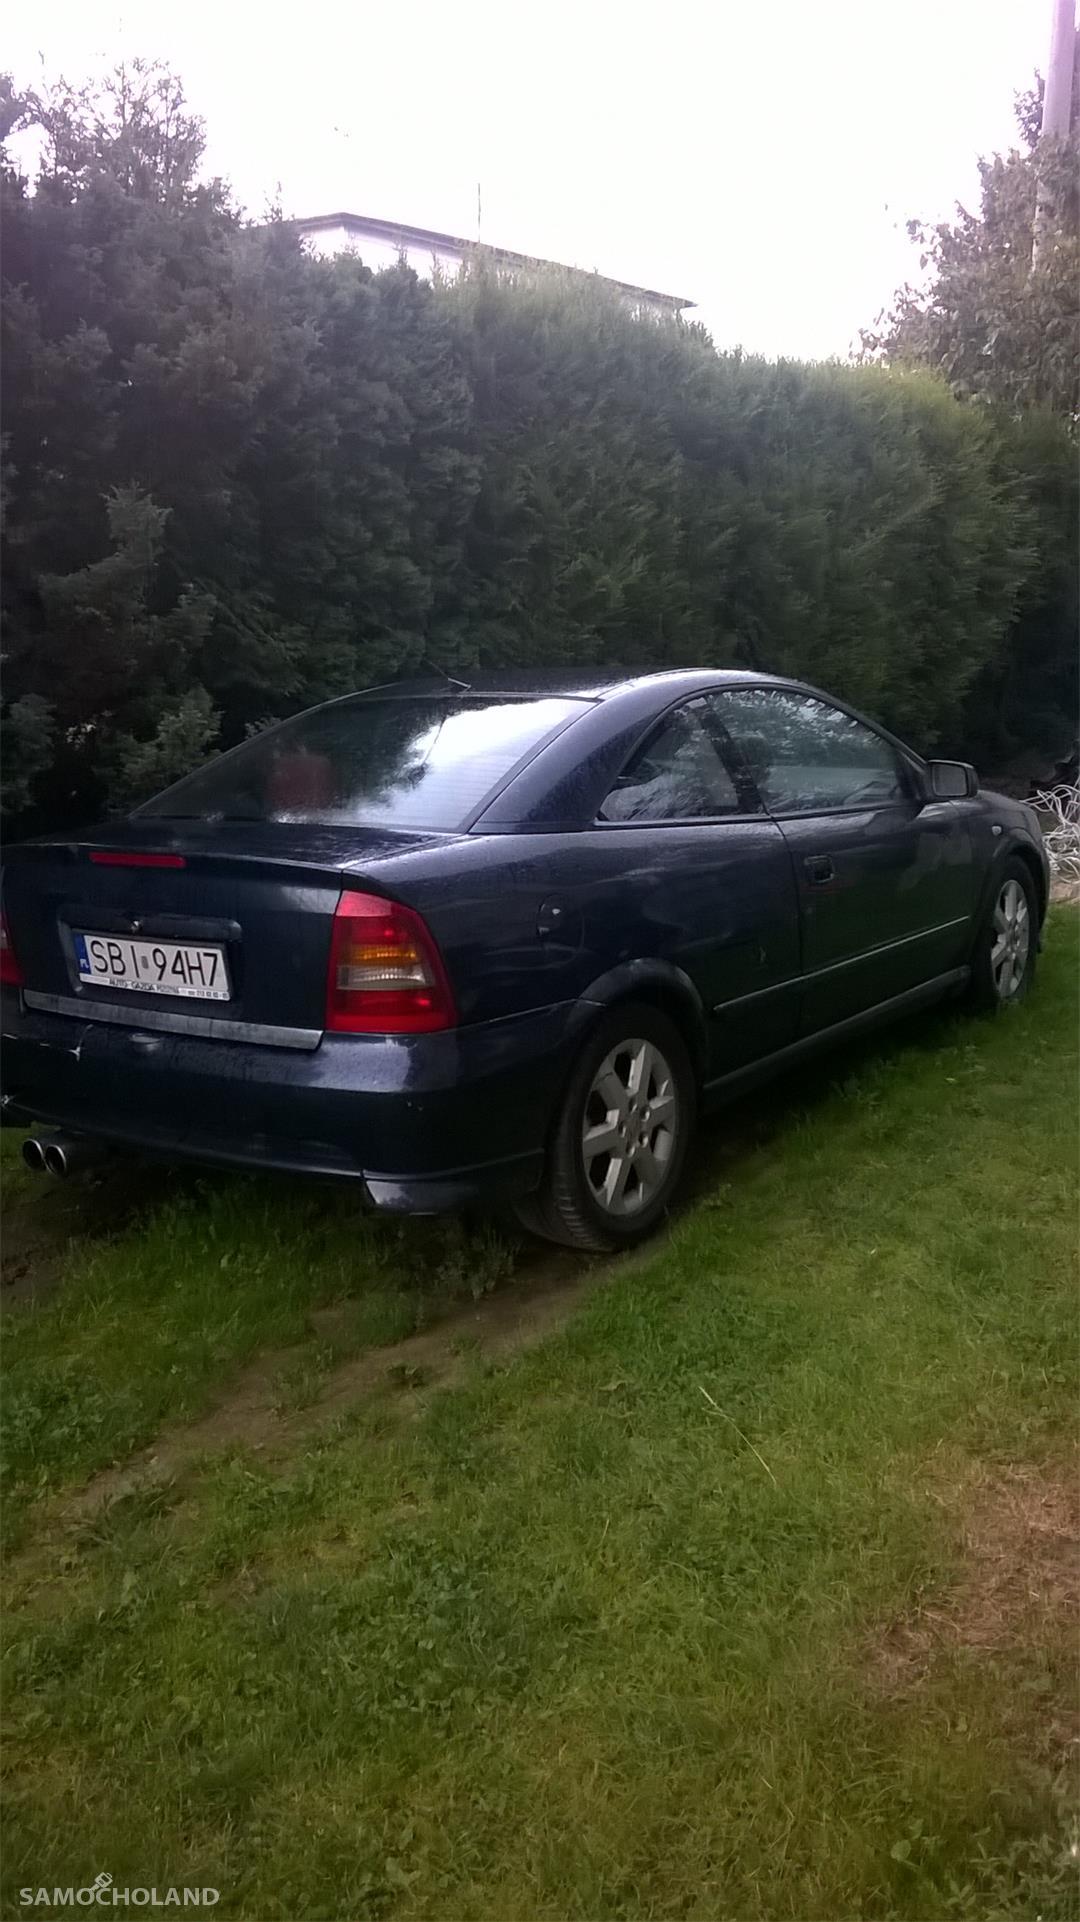 Opel Astra G (1998-2009) bertone 2